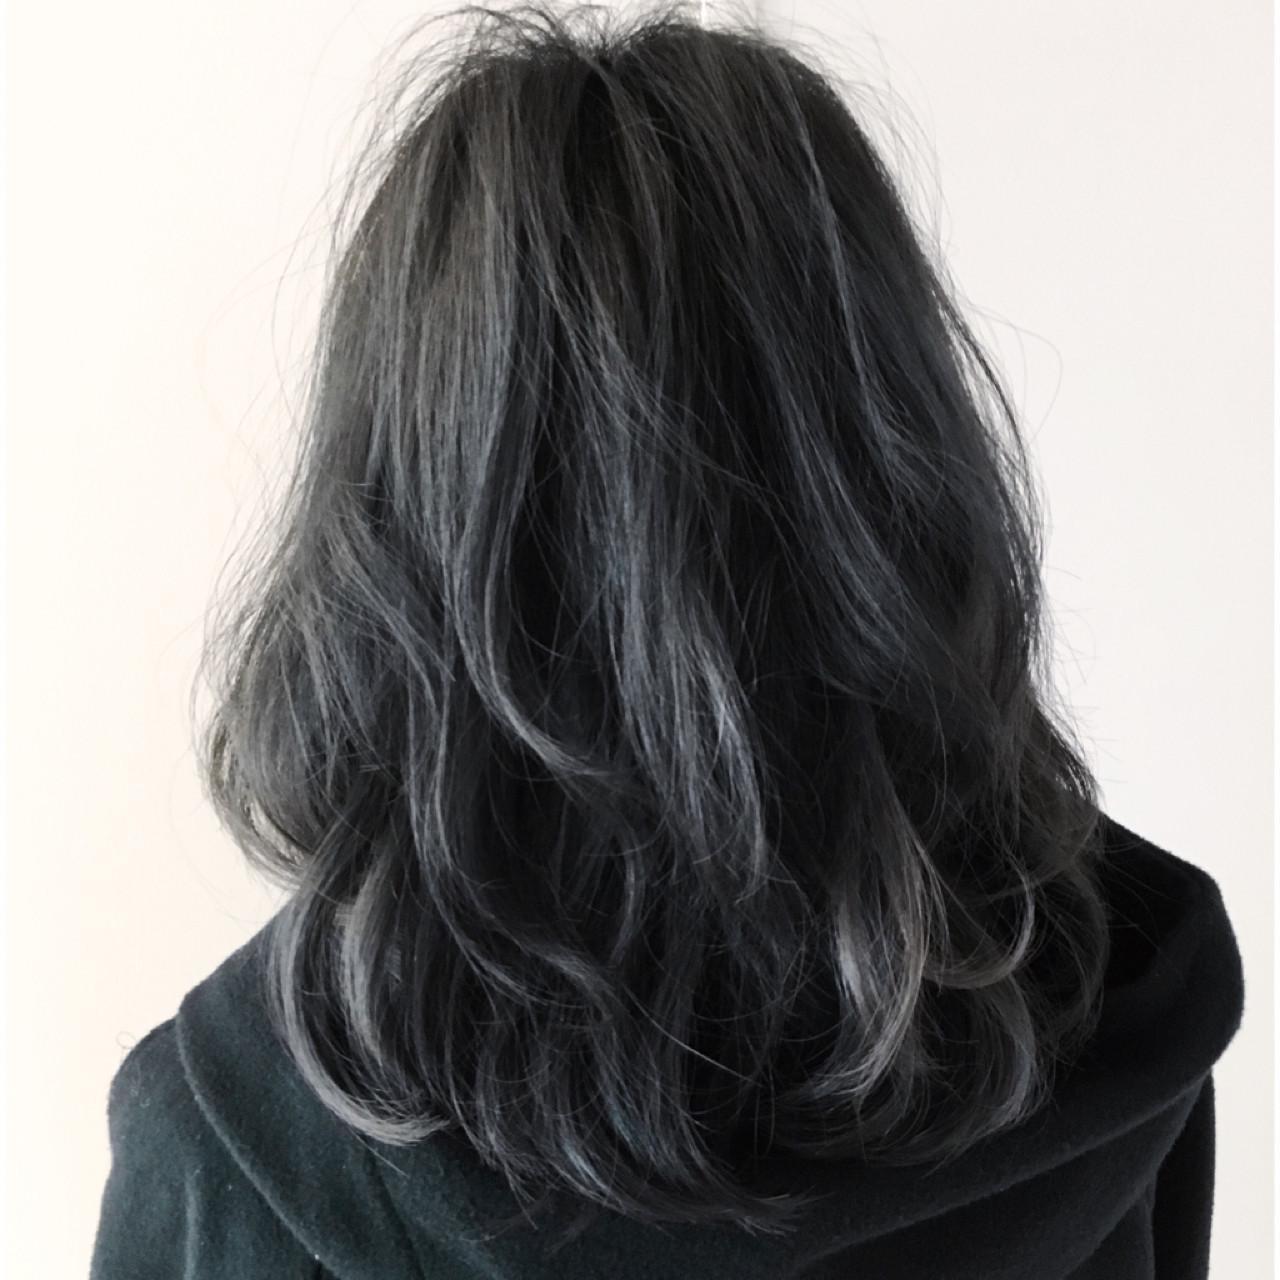 ボブ モード ダークアッシュ グレー ヘアスタイルや髪型の写真・画像